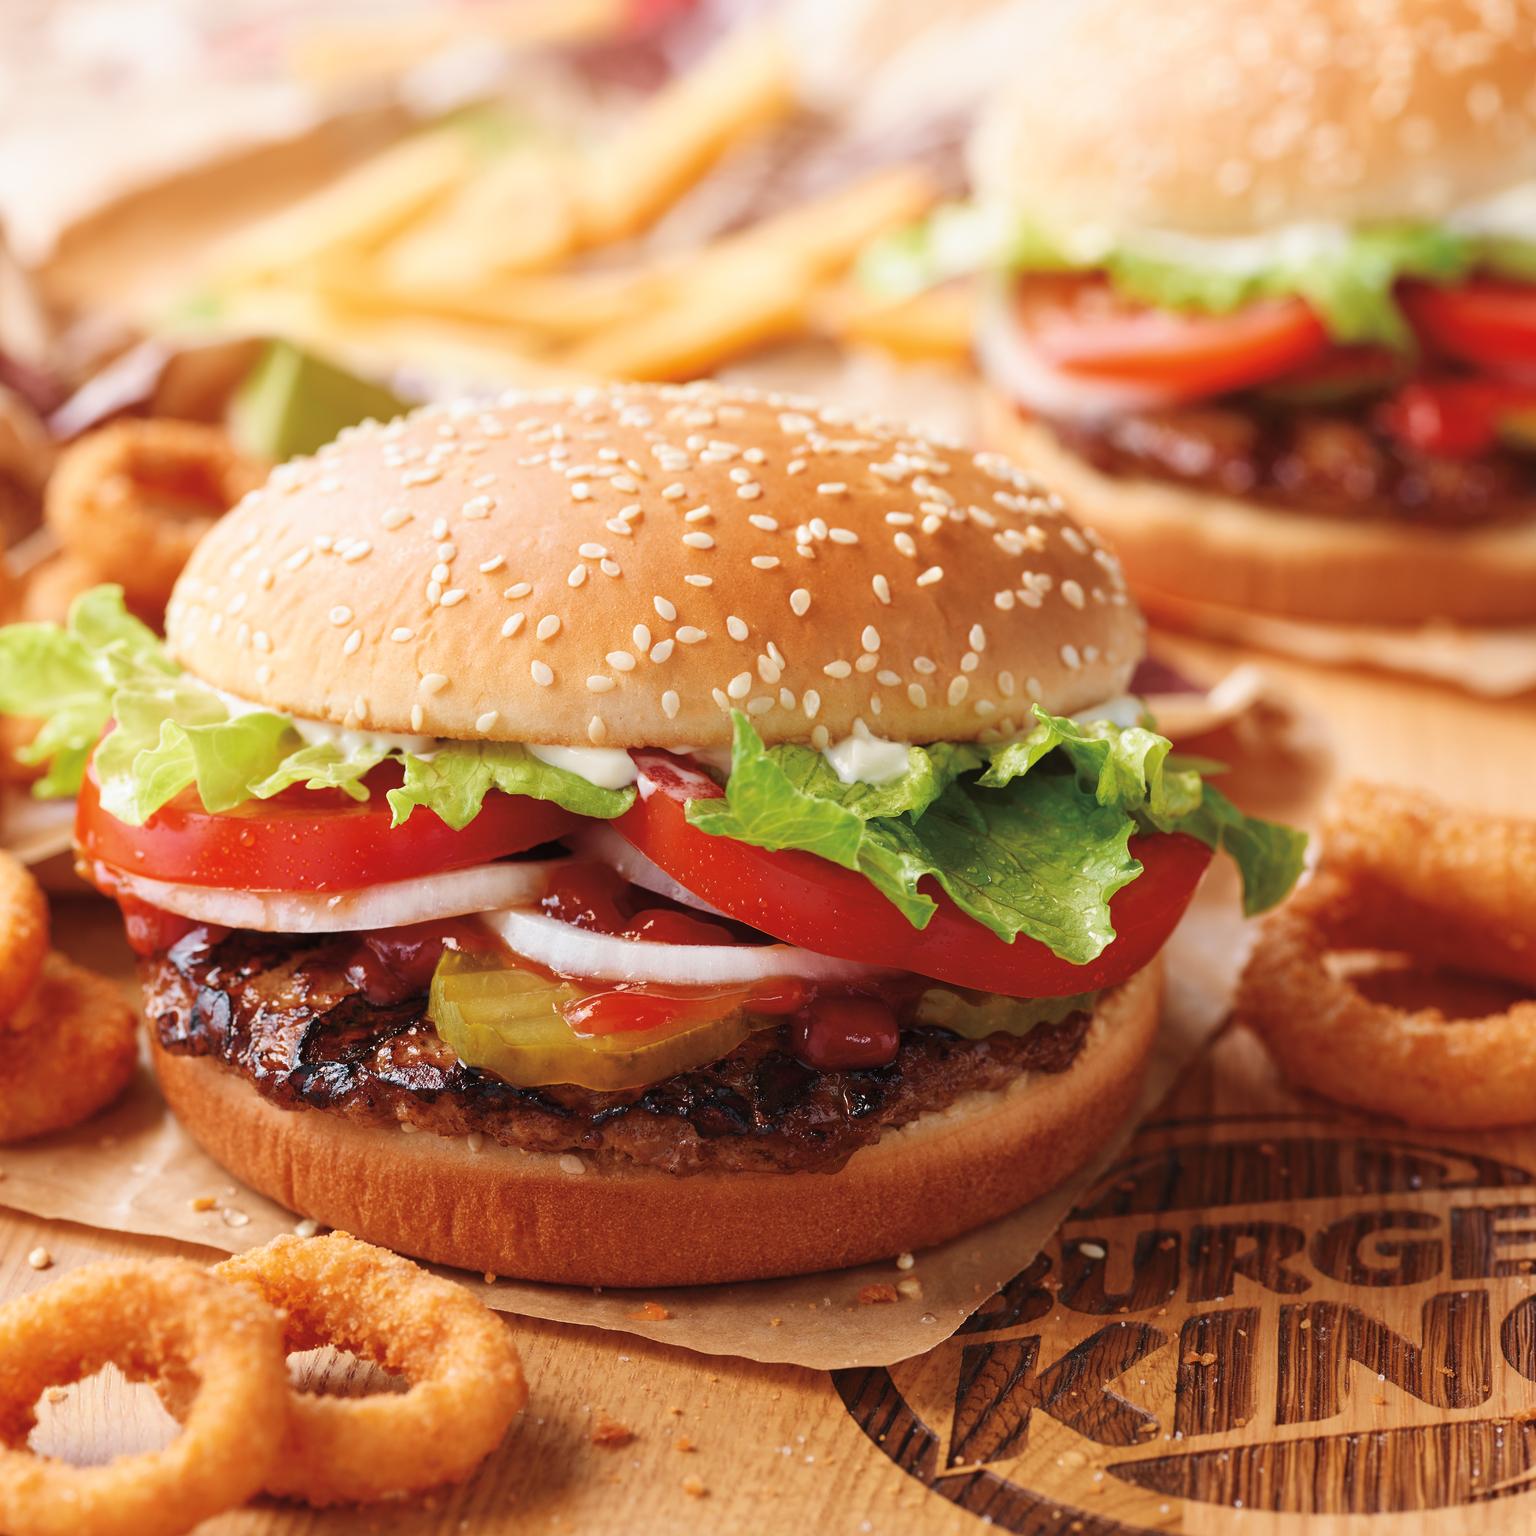 Burger King revine la Bucureşti pe 26 septembrie, cu un prim restaurant în Mega Mall şi alte două unităţi până la finele anului